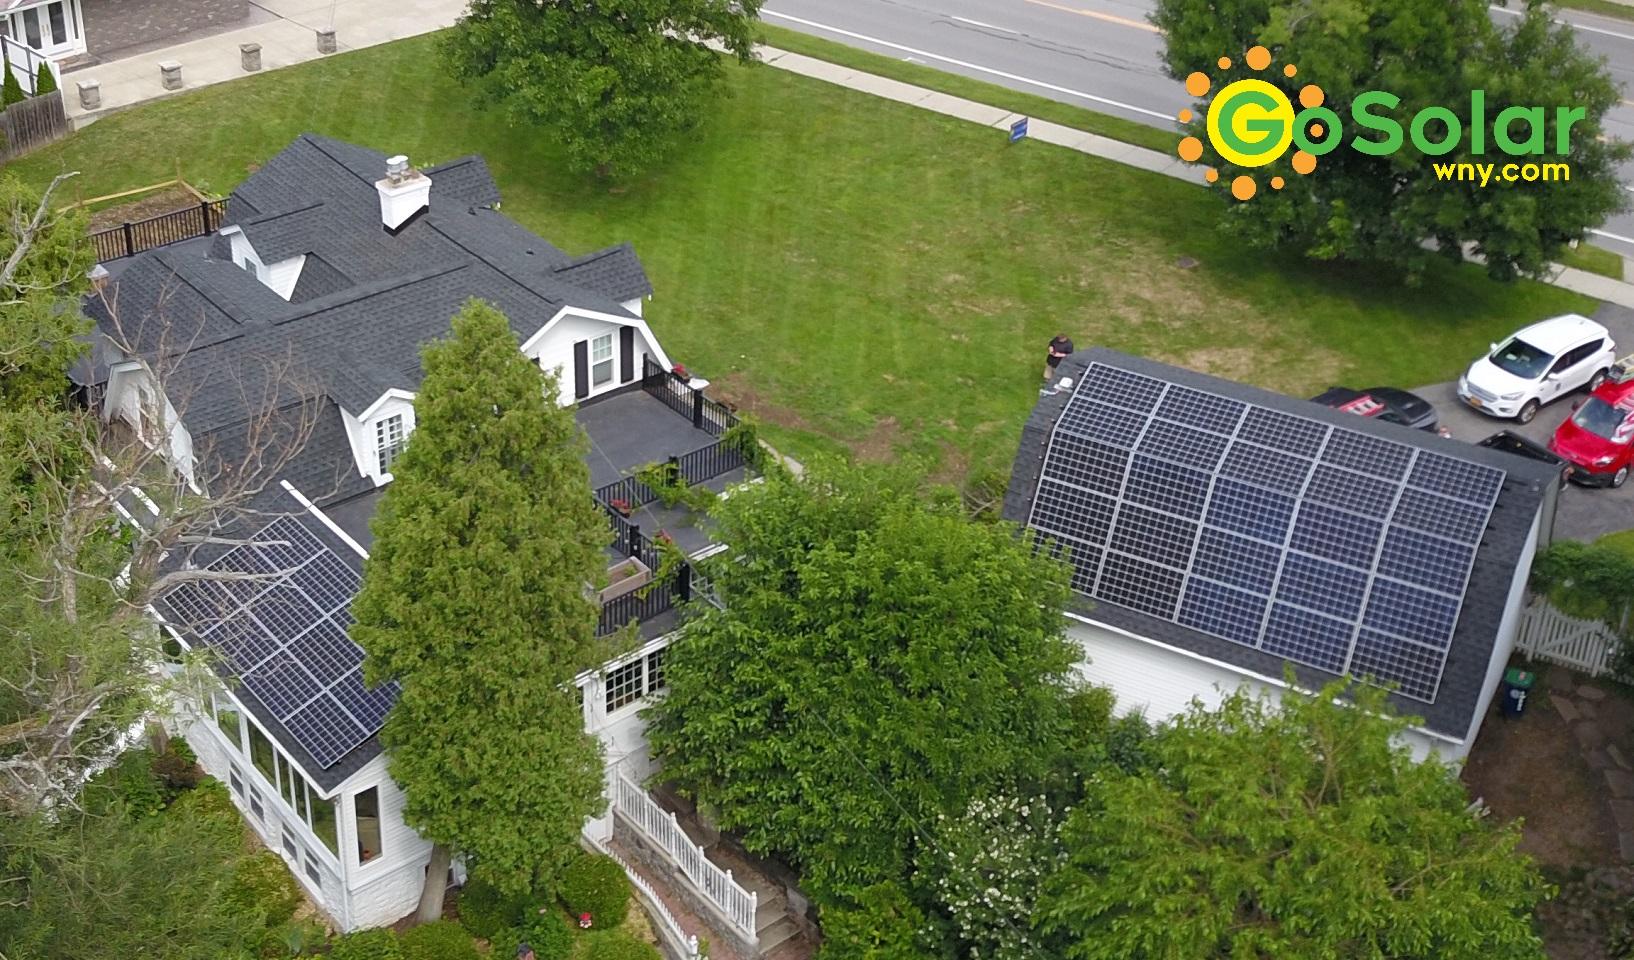 Solar Panels on Barn Amherst, NY